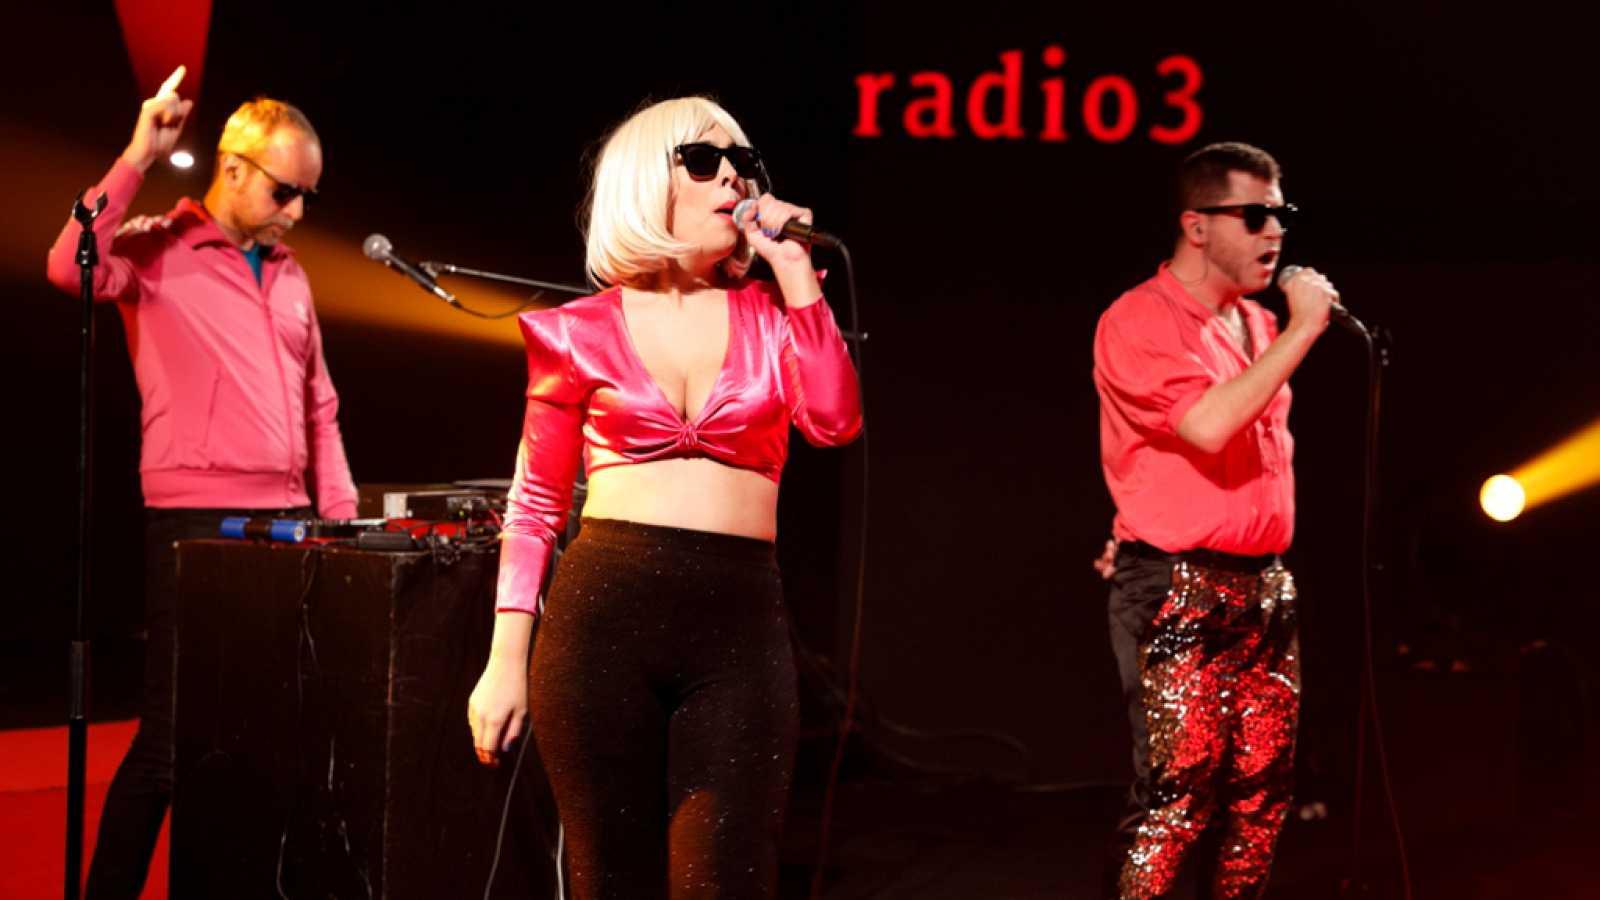 Los Conciertos De Radio 3 Ladilla Rusa Rtvees